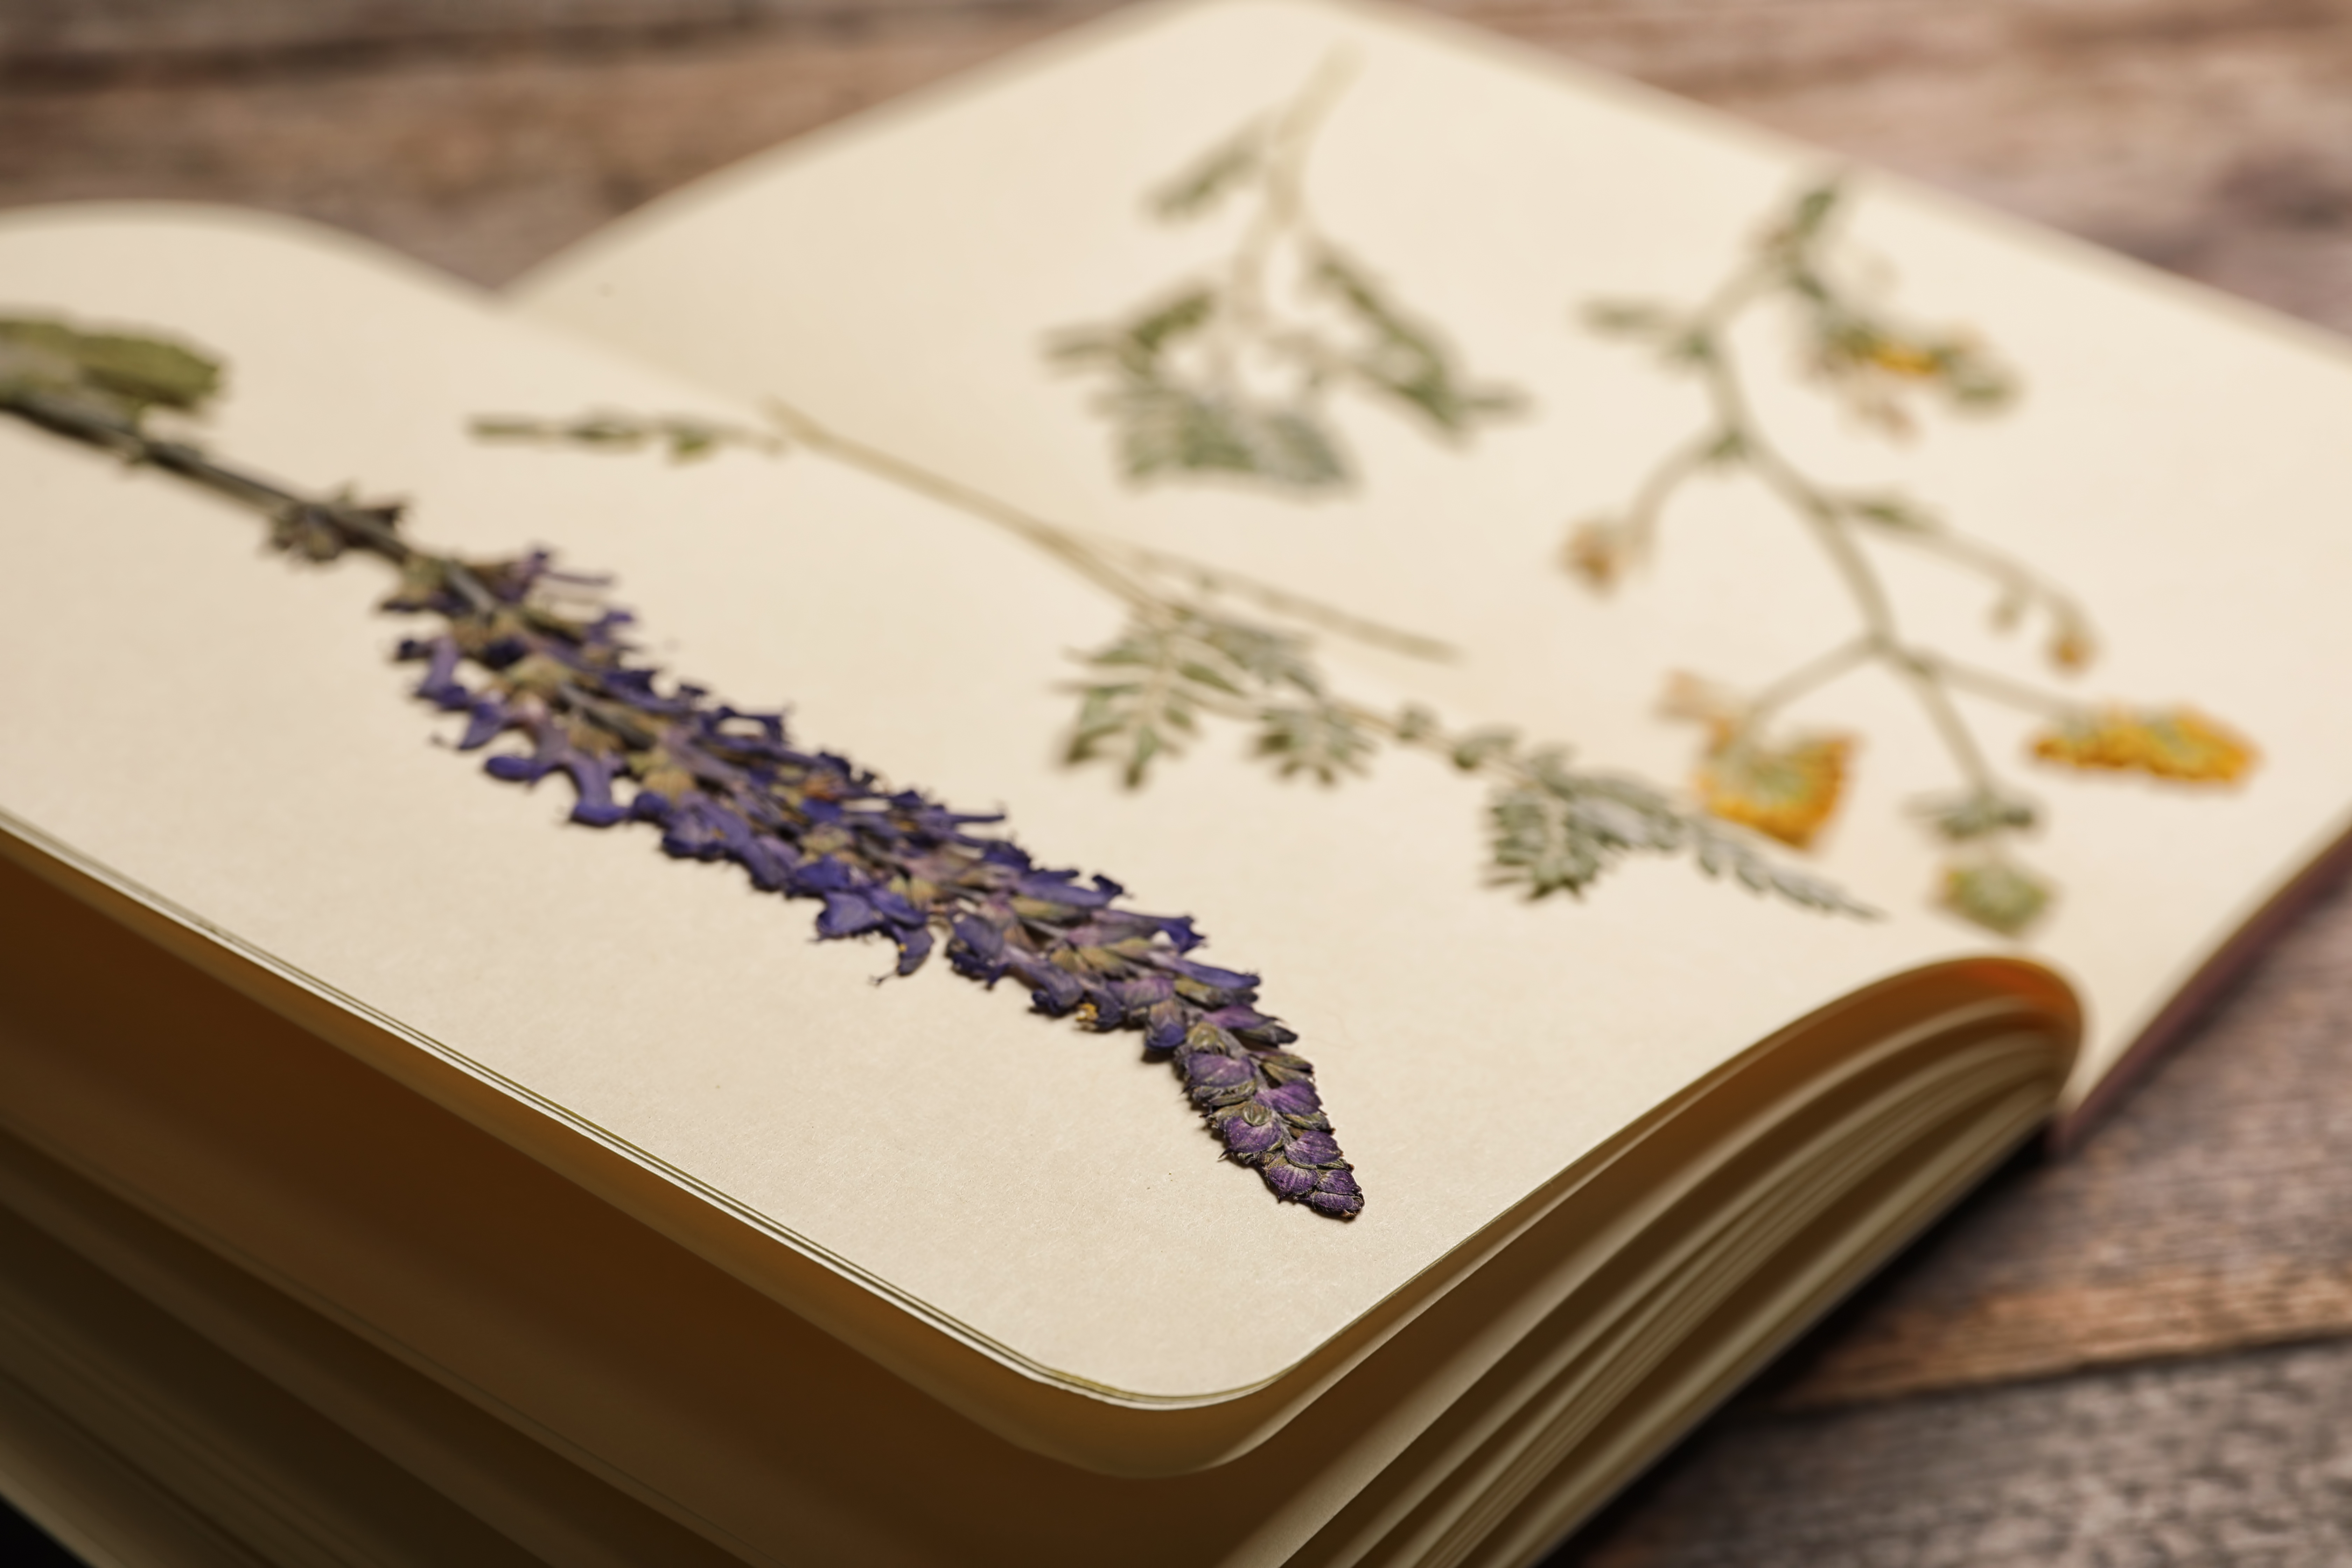 Quaderno con fiori pressati